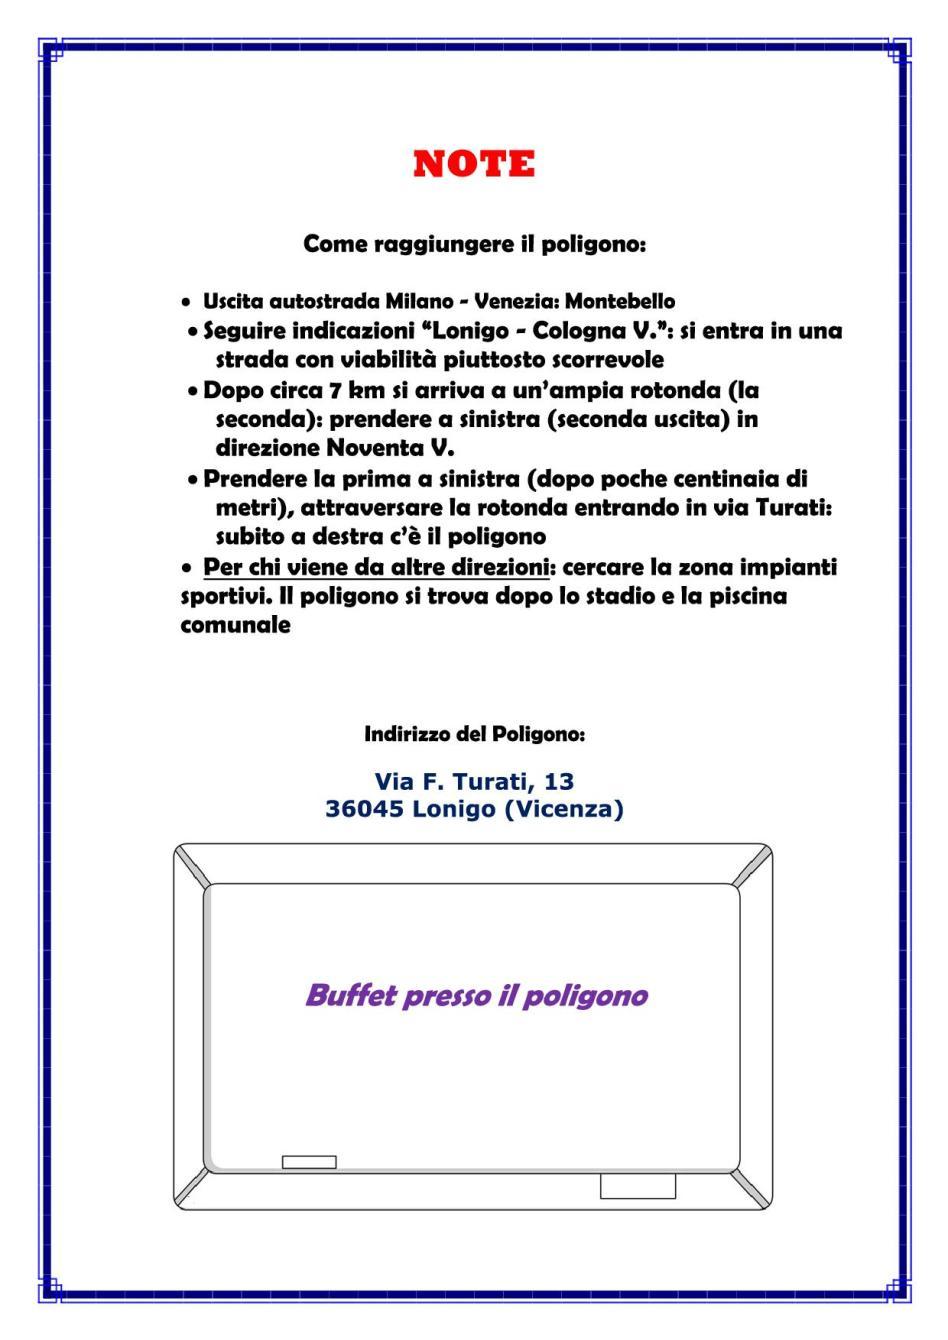 08 Avancarica 2016 - Lonigo 19-20 marzo2